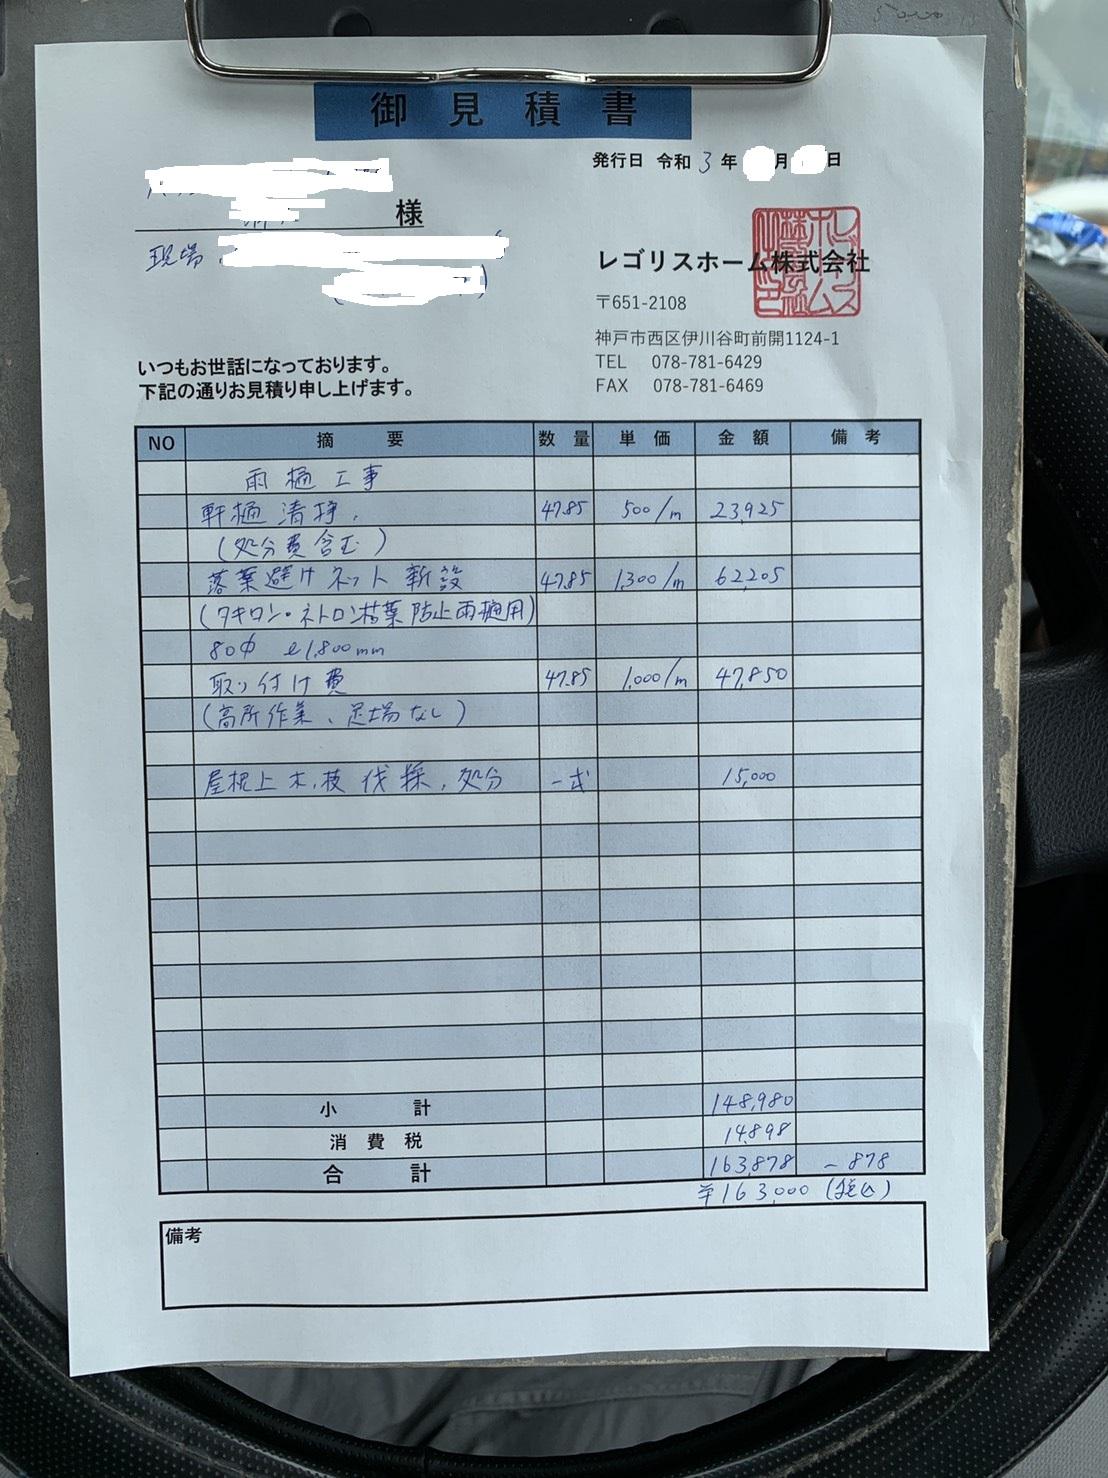 加古川市で大雨による雨樋からの水漏れを解消するためのお見積もり